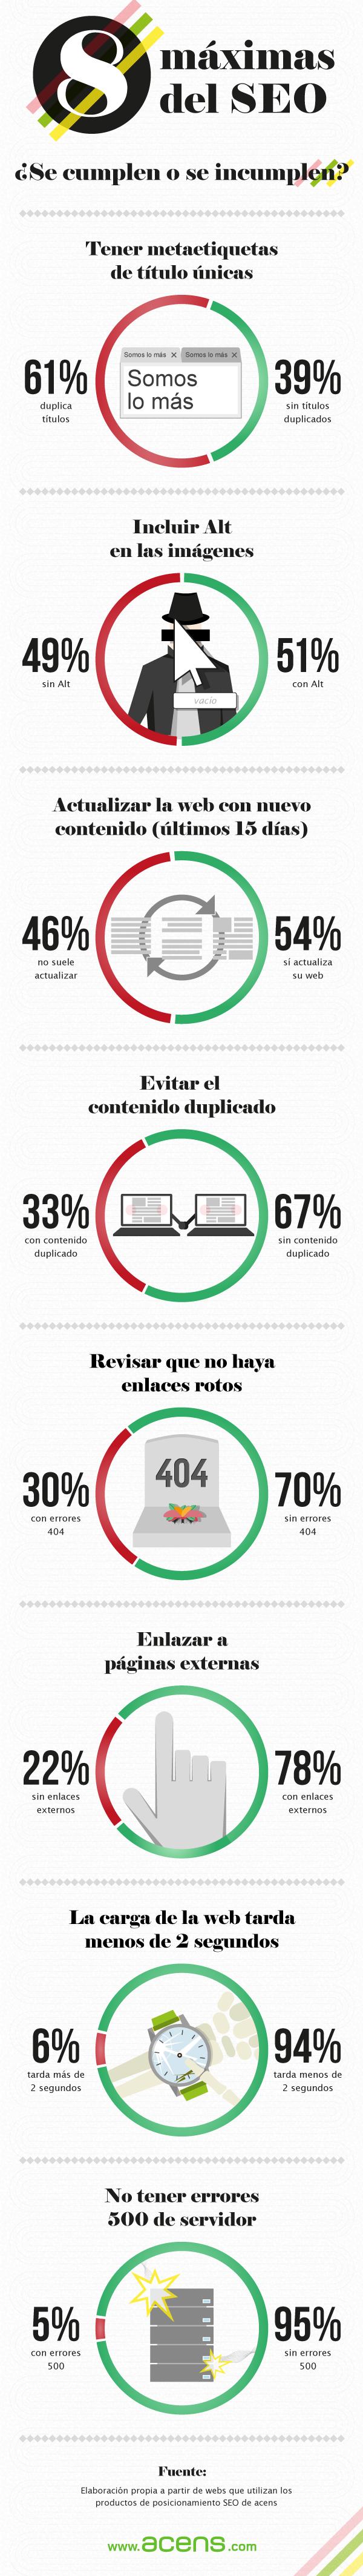 infografia-8-maximas-seo-acens-blog